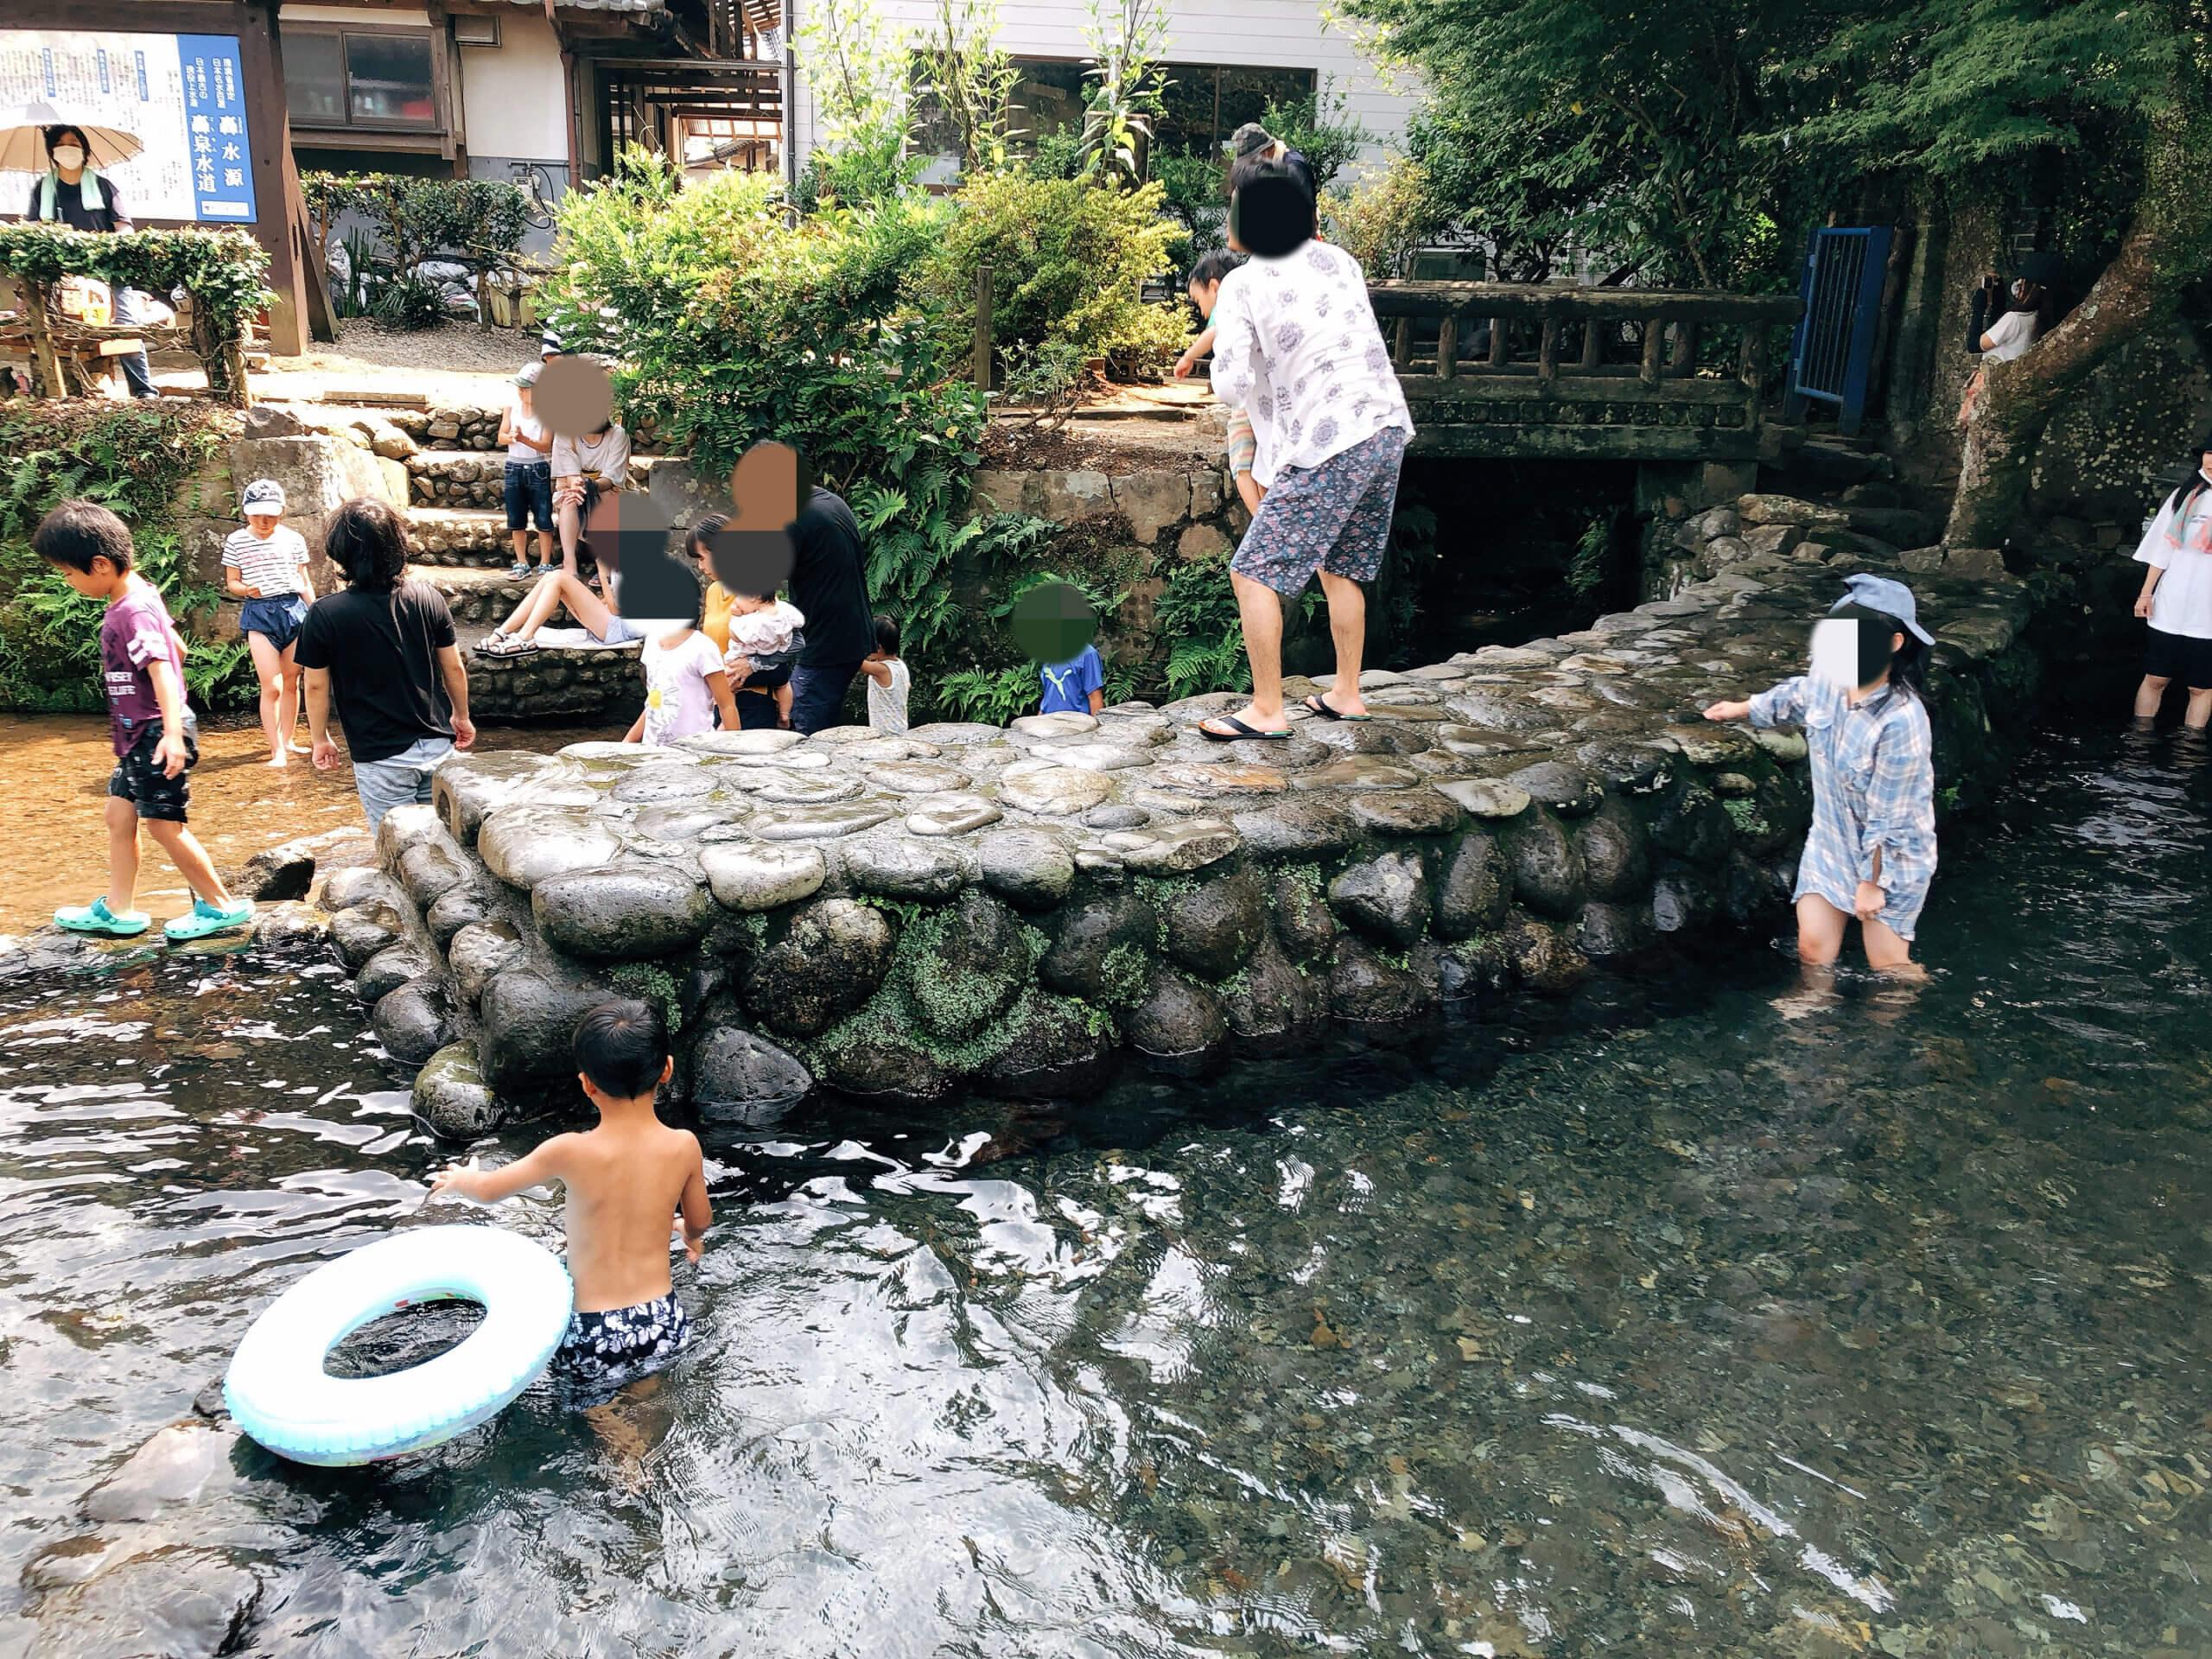 【轟水源】日本名水百選に選ばれる湧水池で水あそび!《宇土市宮庄町》